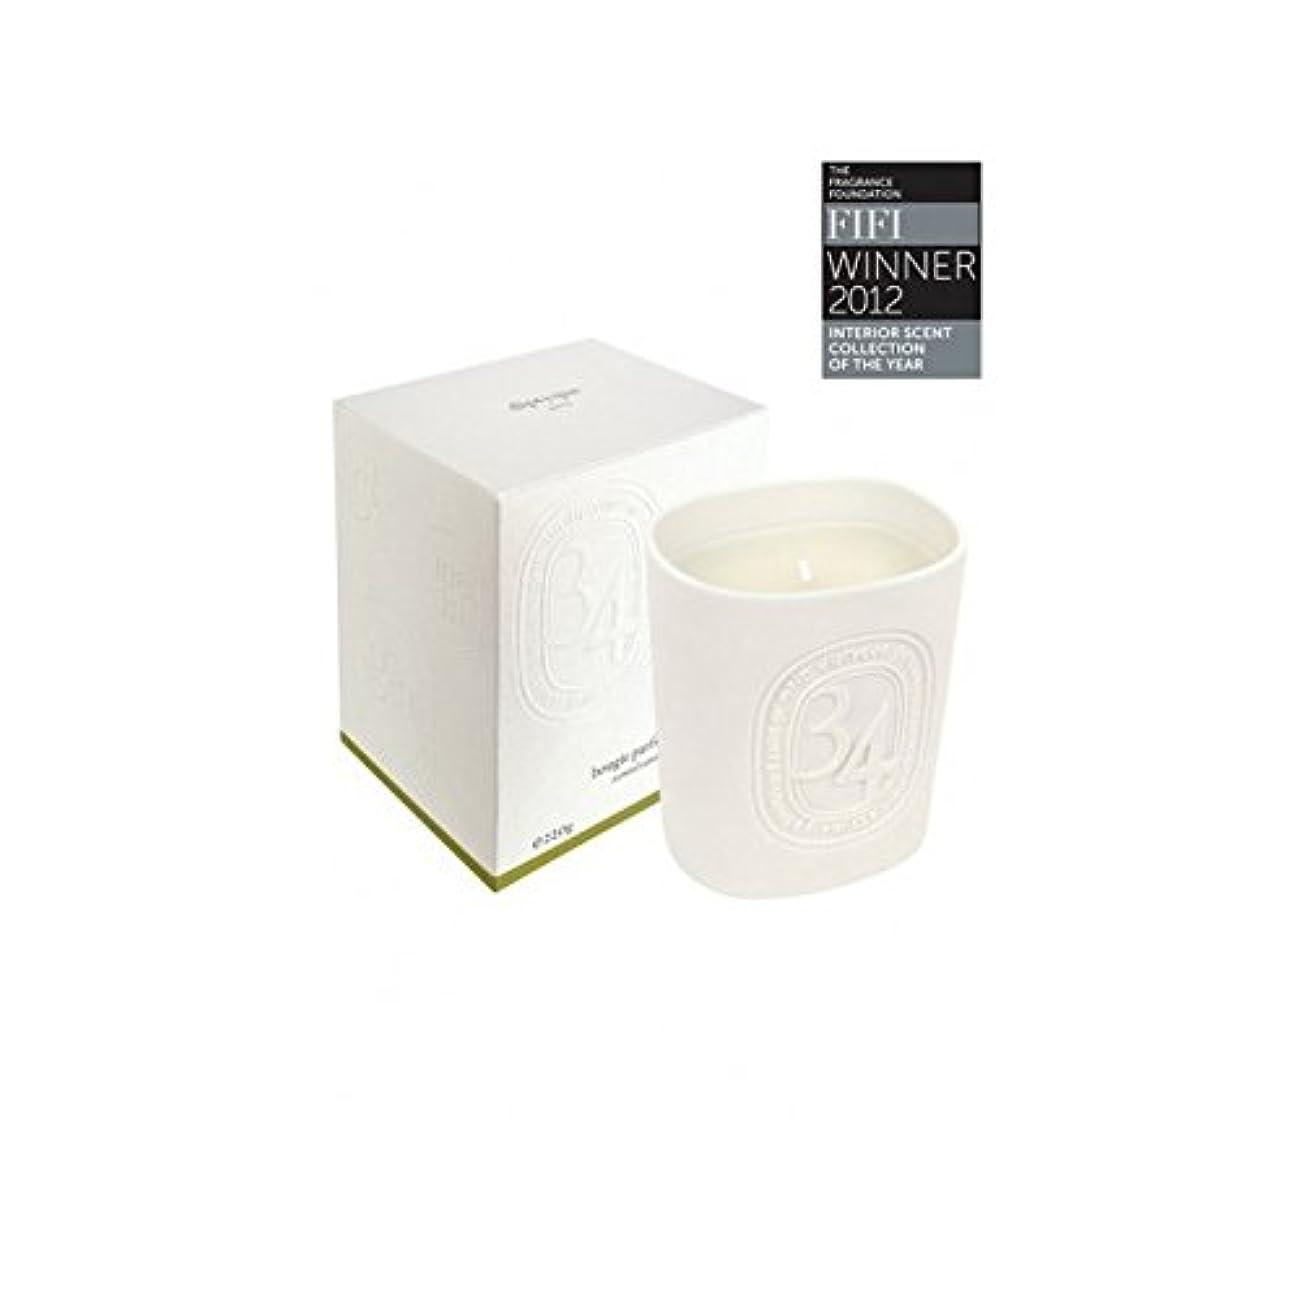 膨らませる倒産砲兵Diptyque Collection 34 Boulevard Saint Germain Candle 220g (Pack of 2) - Diptyqueコレクション34大通りサンジェルマンキャンドル220グラム...